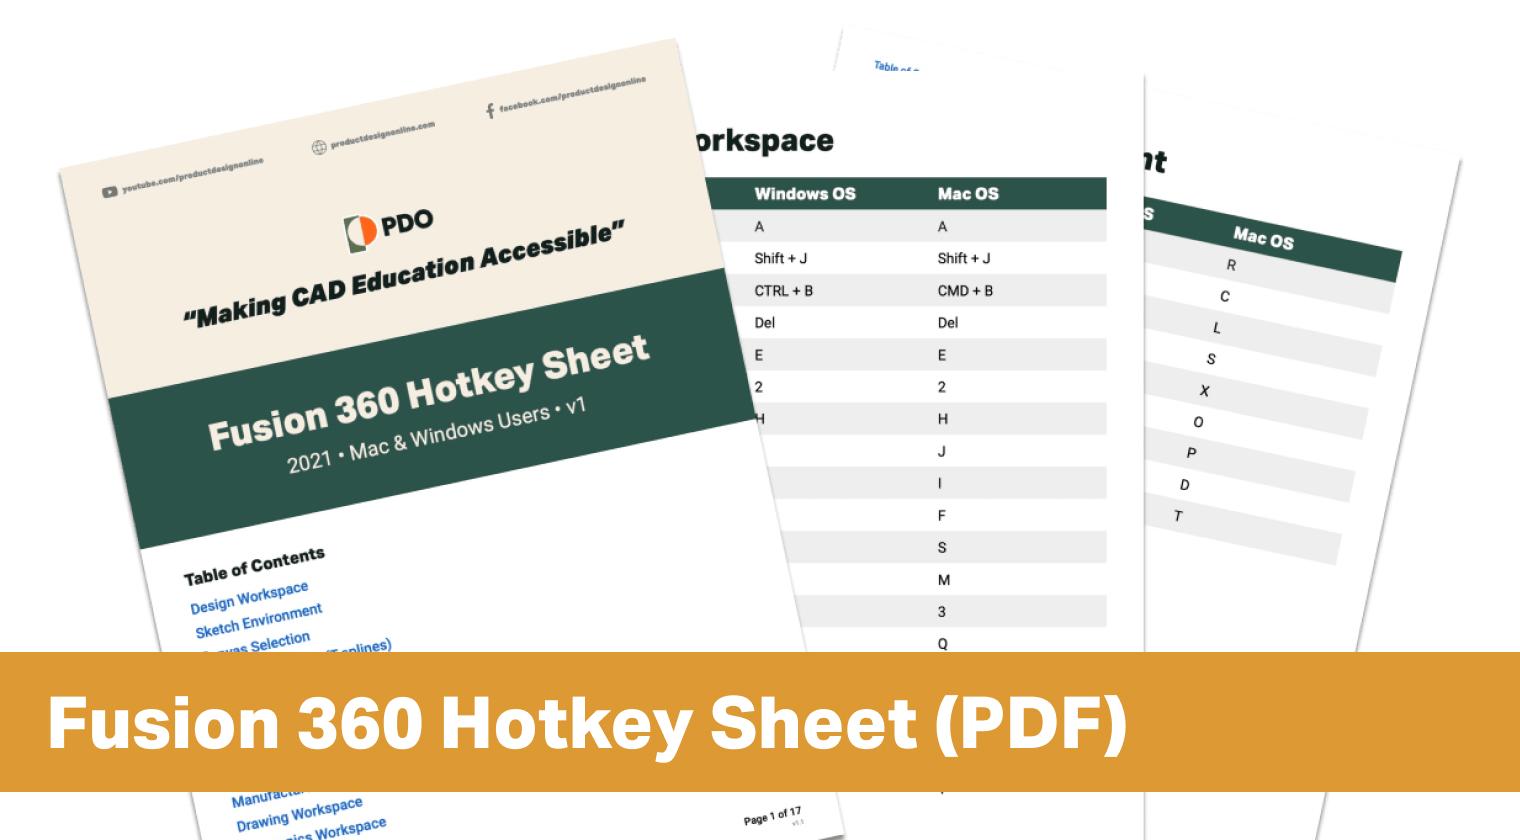 Fusion 360 Hotkeys